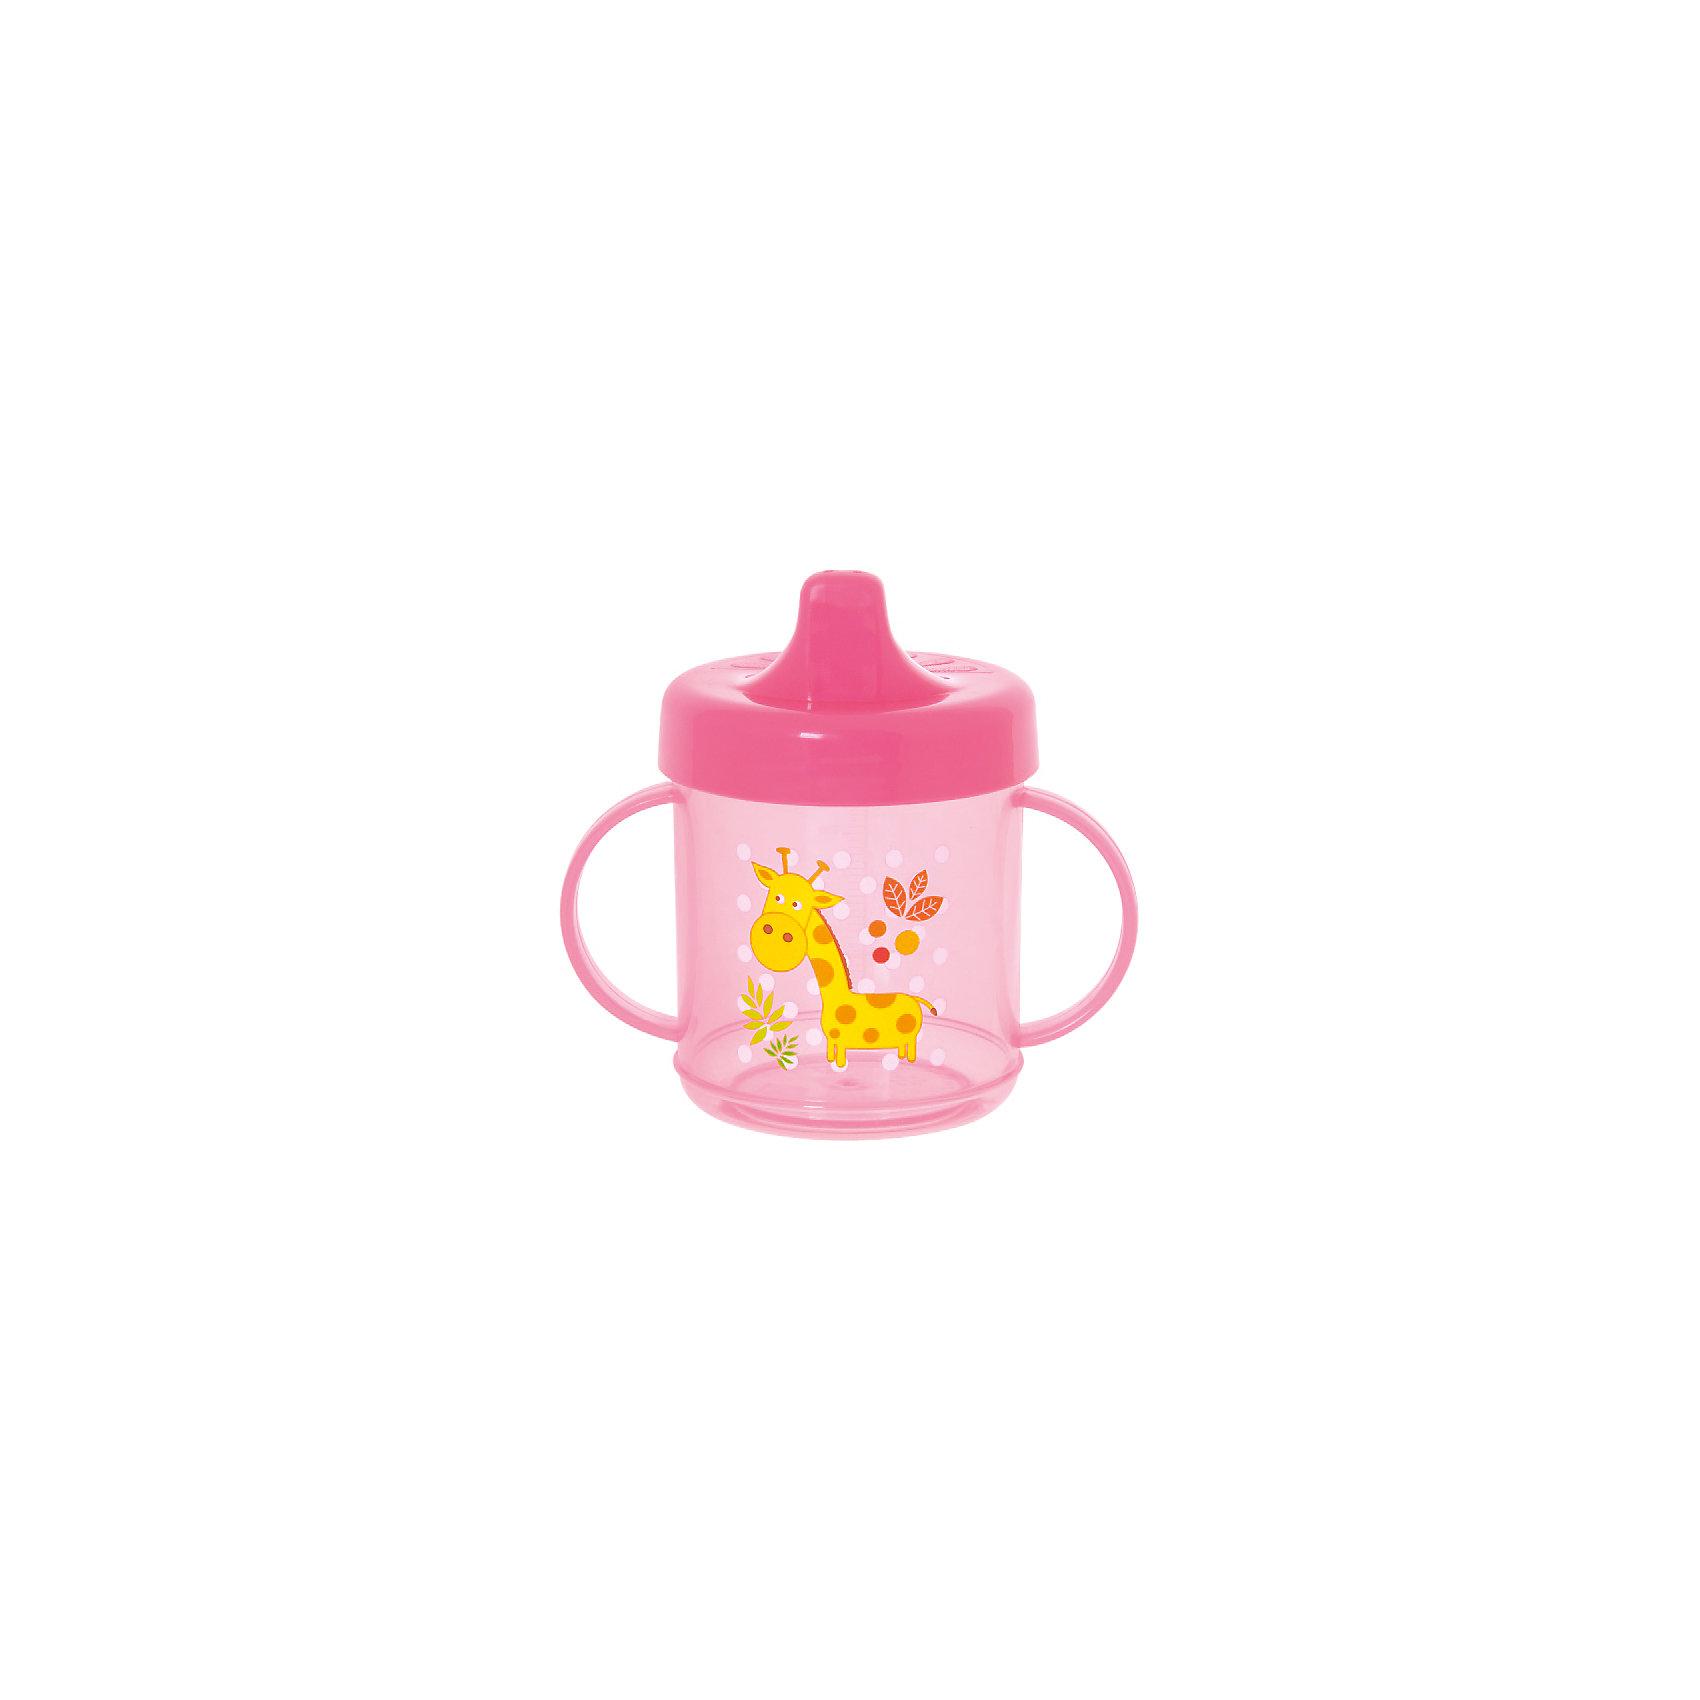 Курносики Поильник с ручками, 200 мл, Kurnosiki, розовый